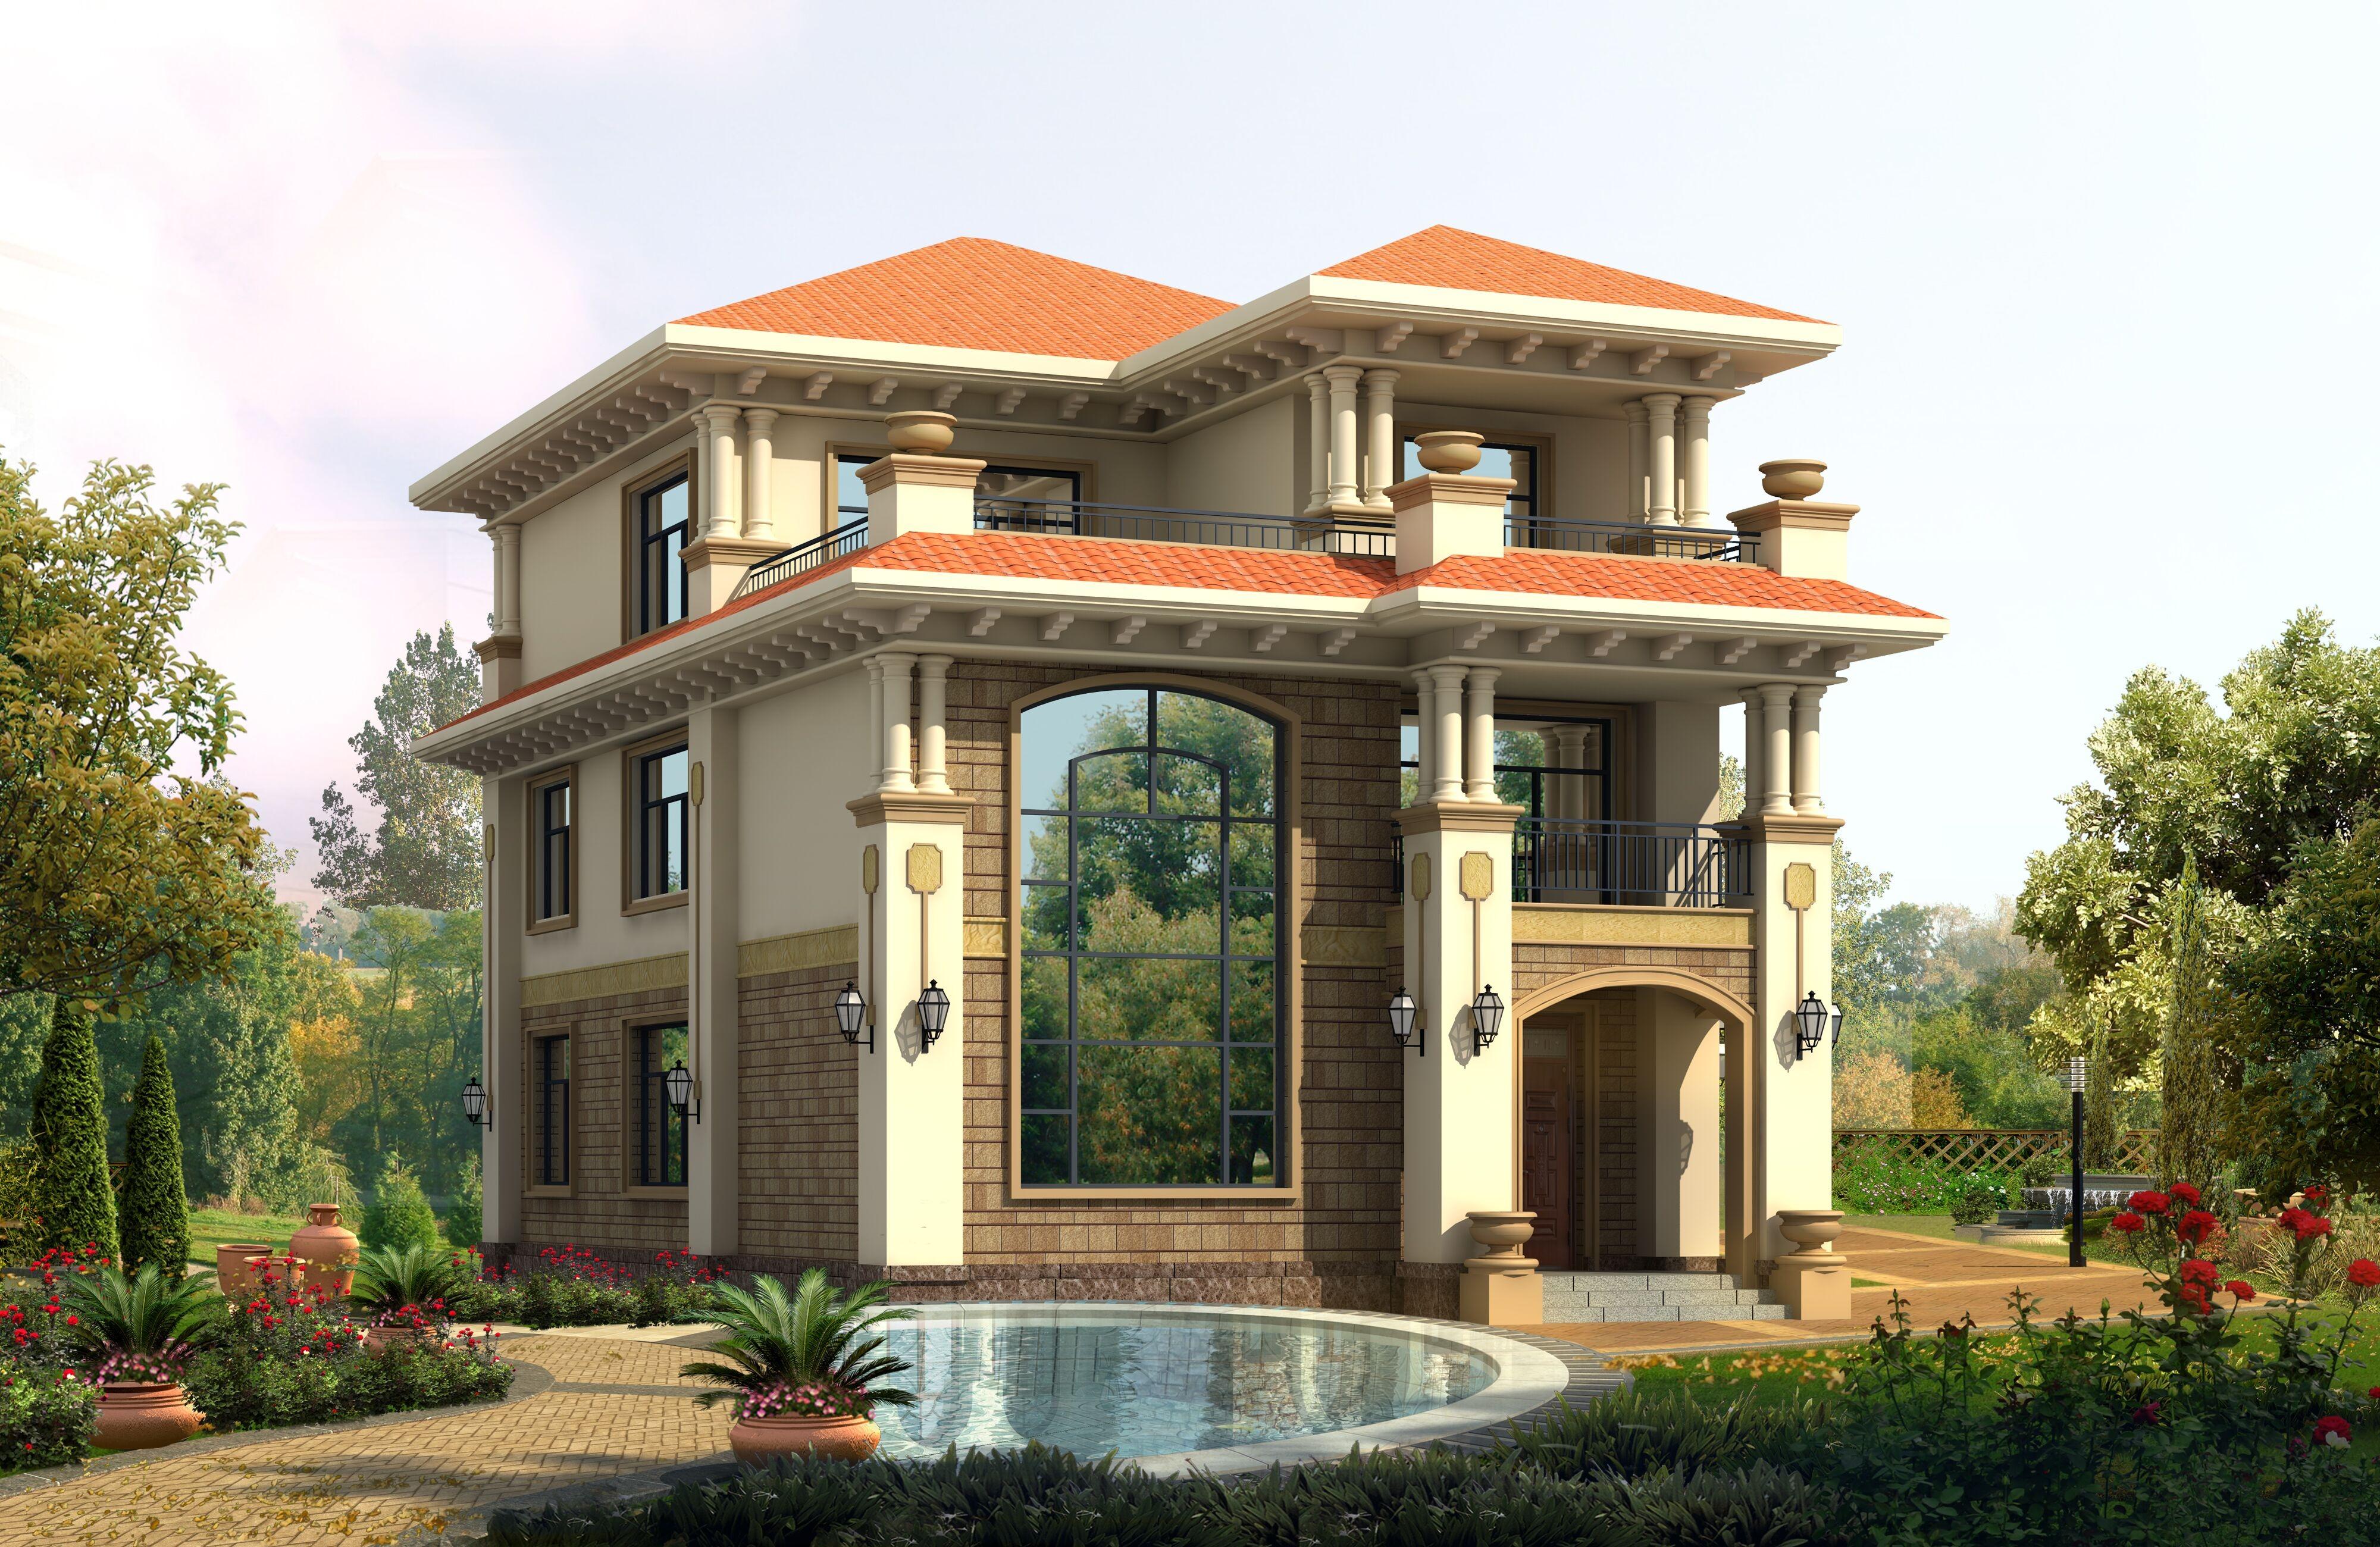 欧式新农村自建房设计图纸小别墅乡村二三层半房屋施工图全套定制